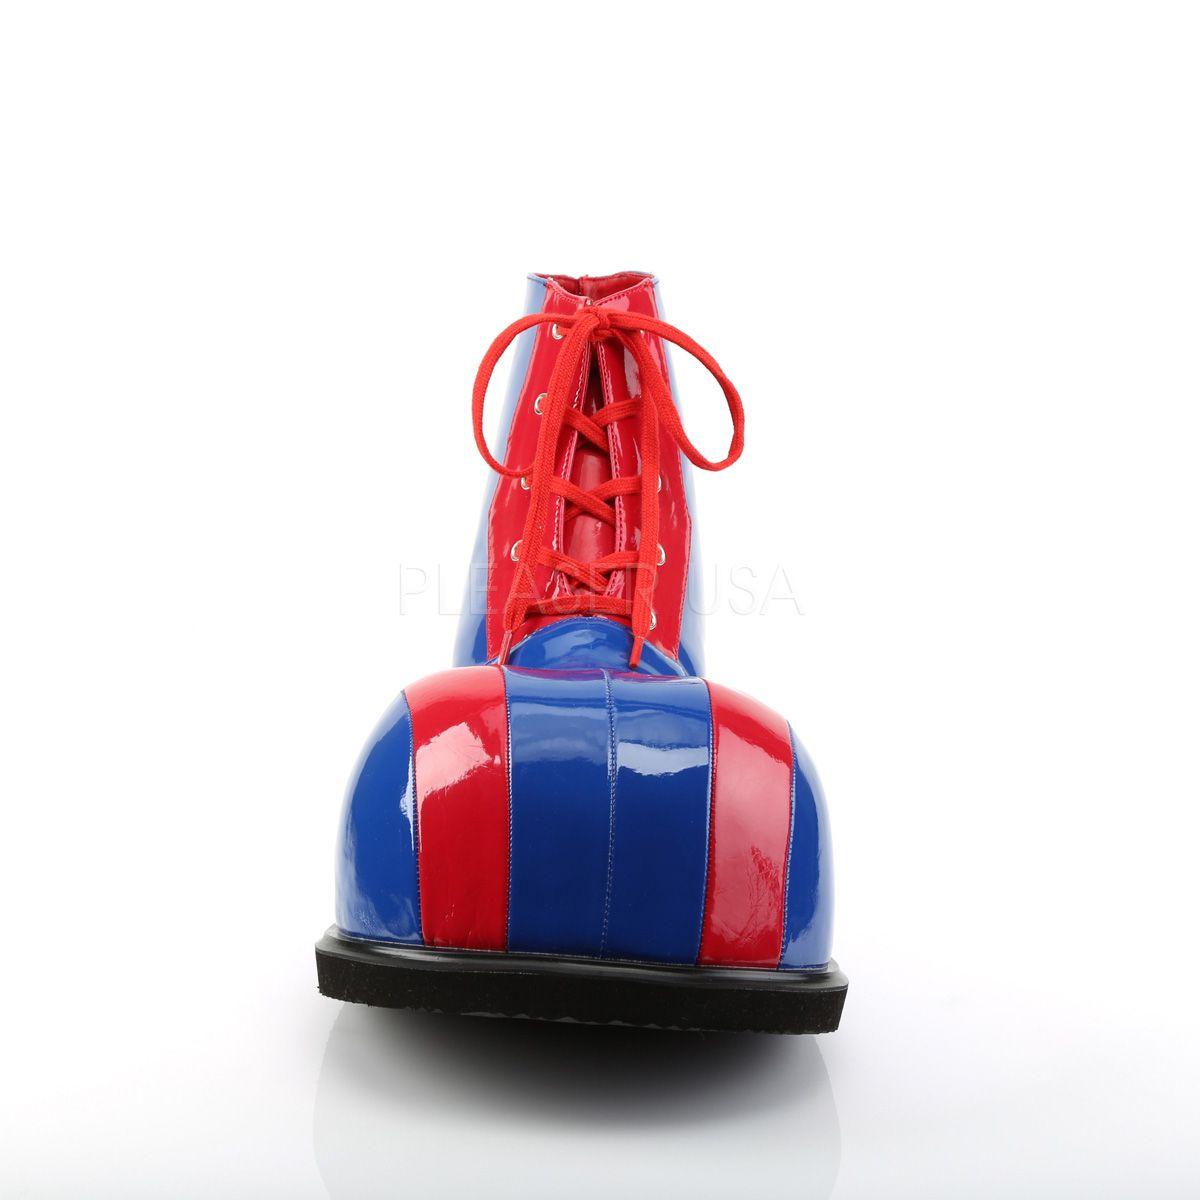 Sapato Clown 05 Palhaço - Funtasma (encomenda)